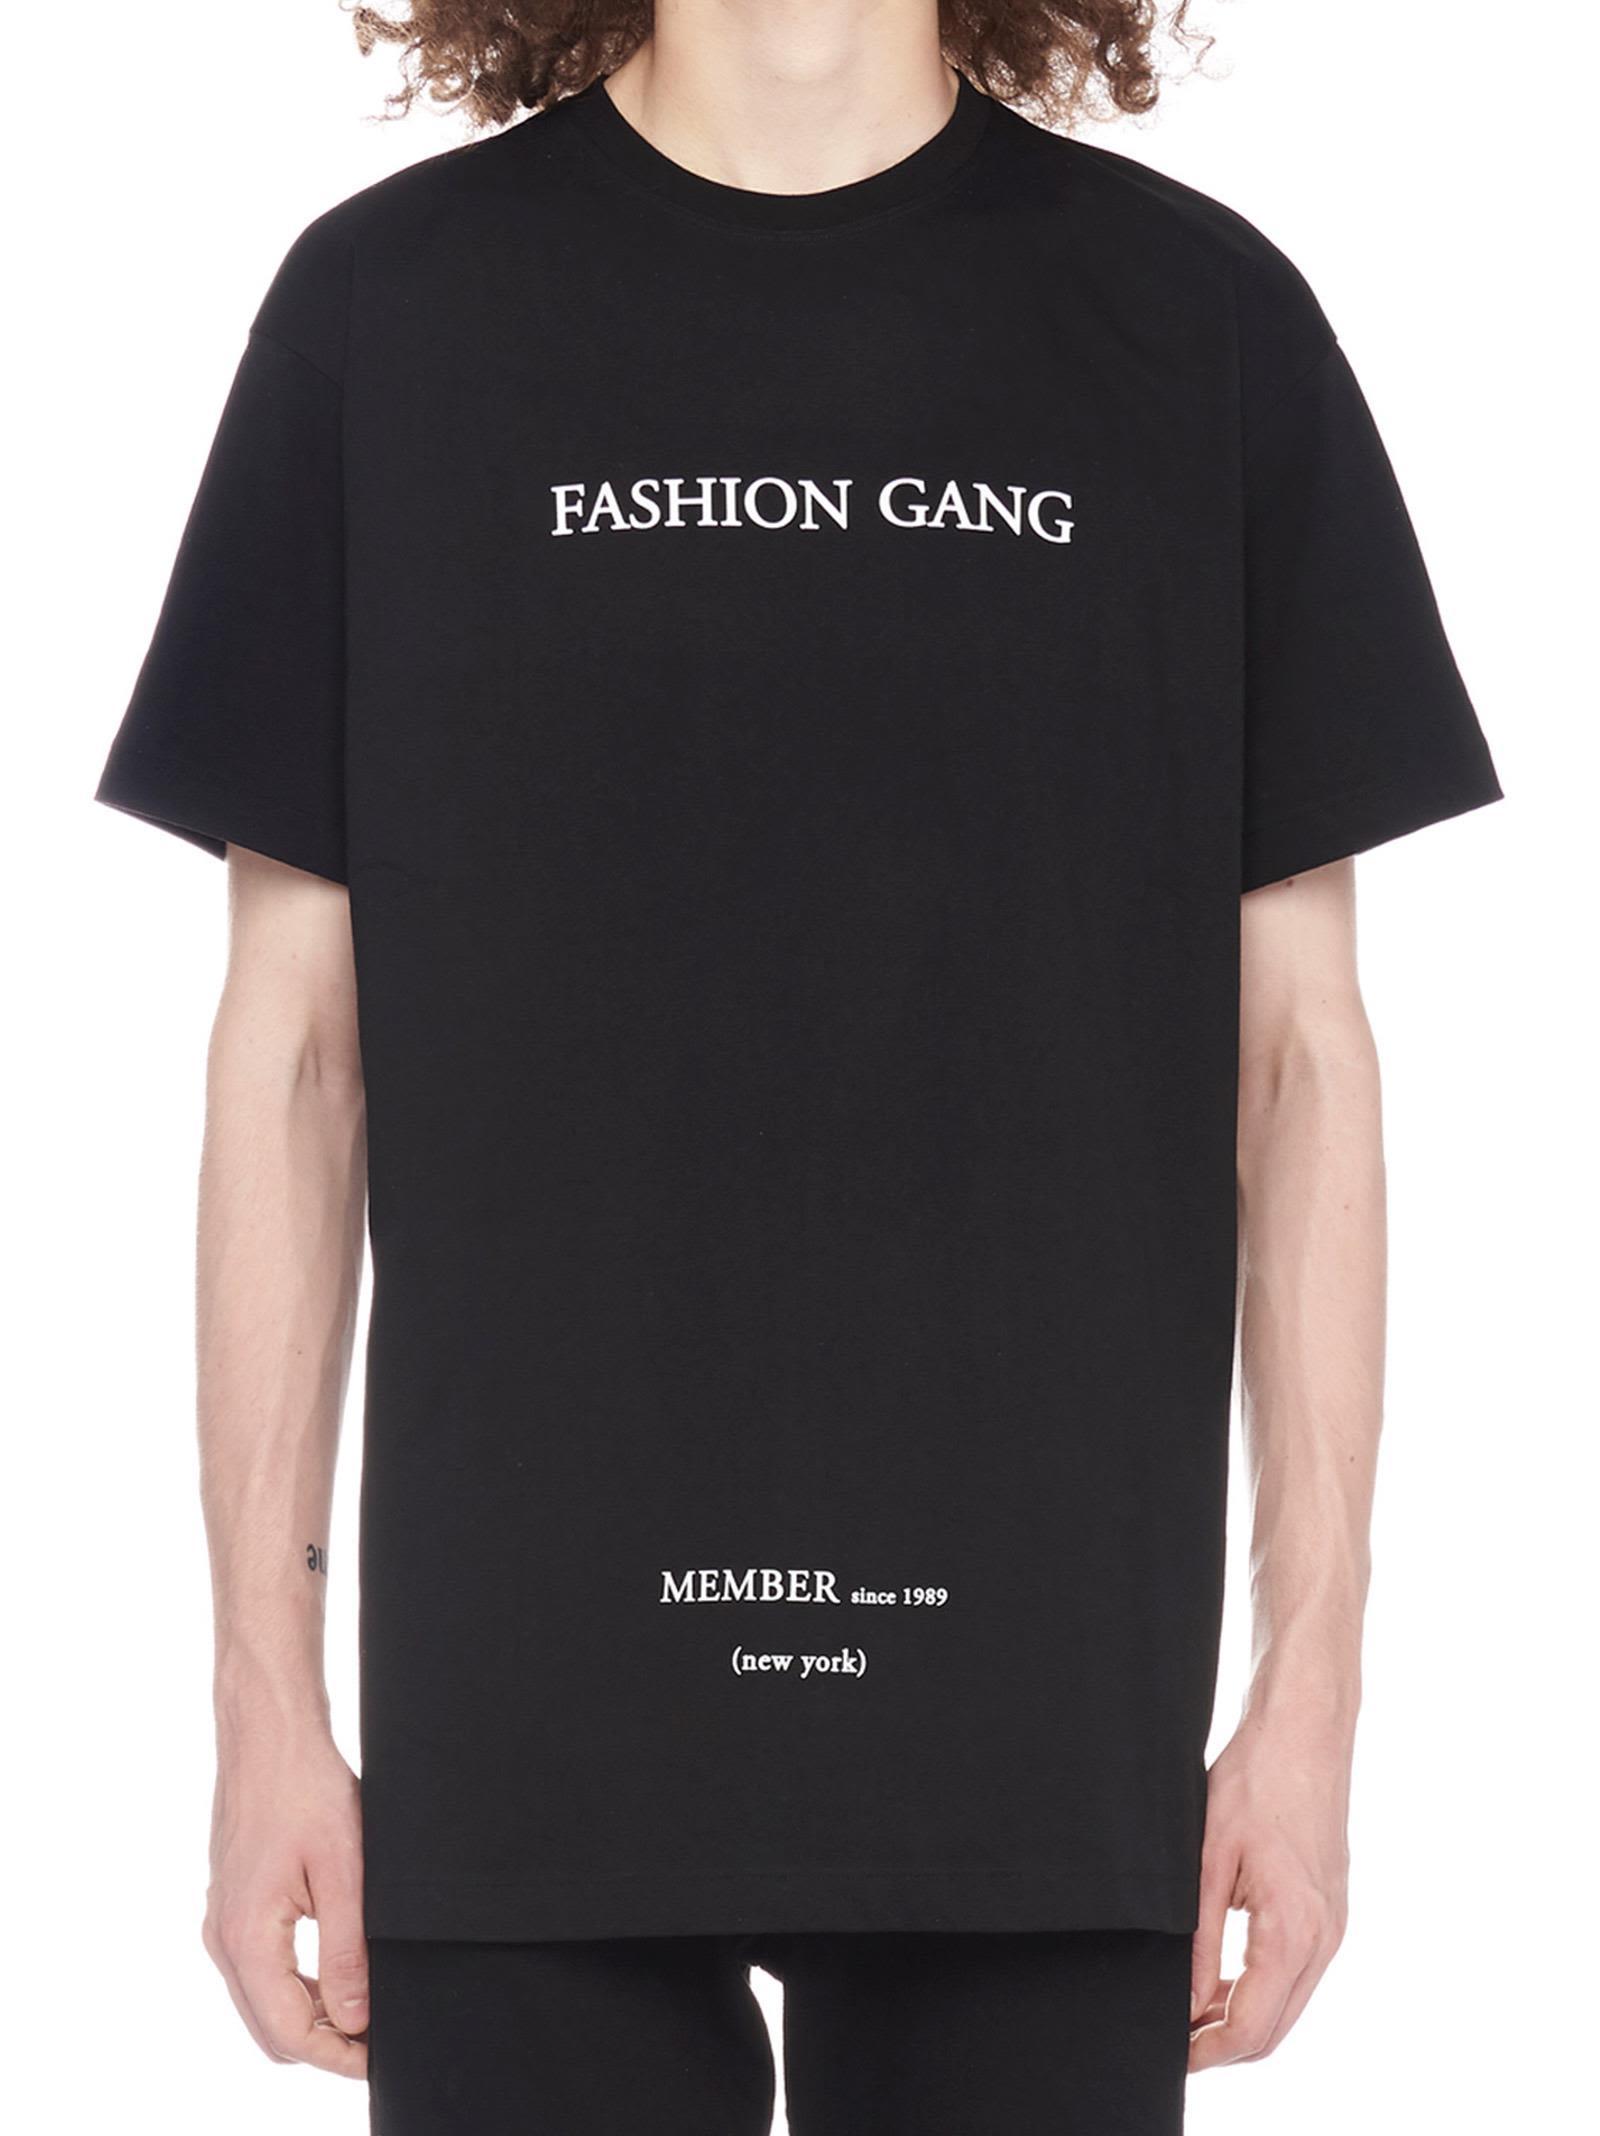 IH NOM UH NIT Ih Nom Uh Nit - Ih Nom Uh Nit Fashion Gang T-Shirt in Black